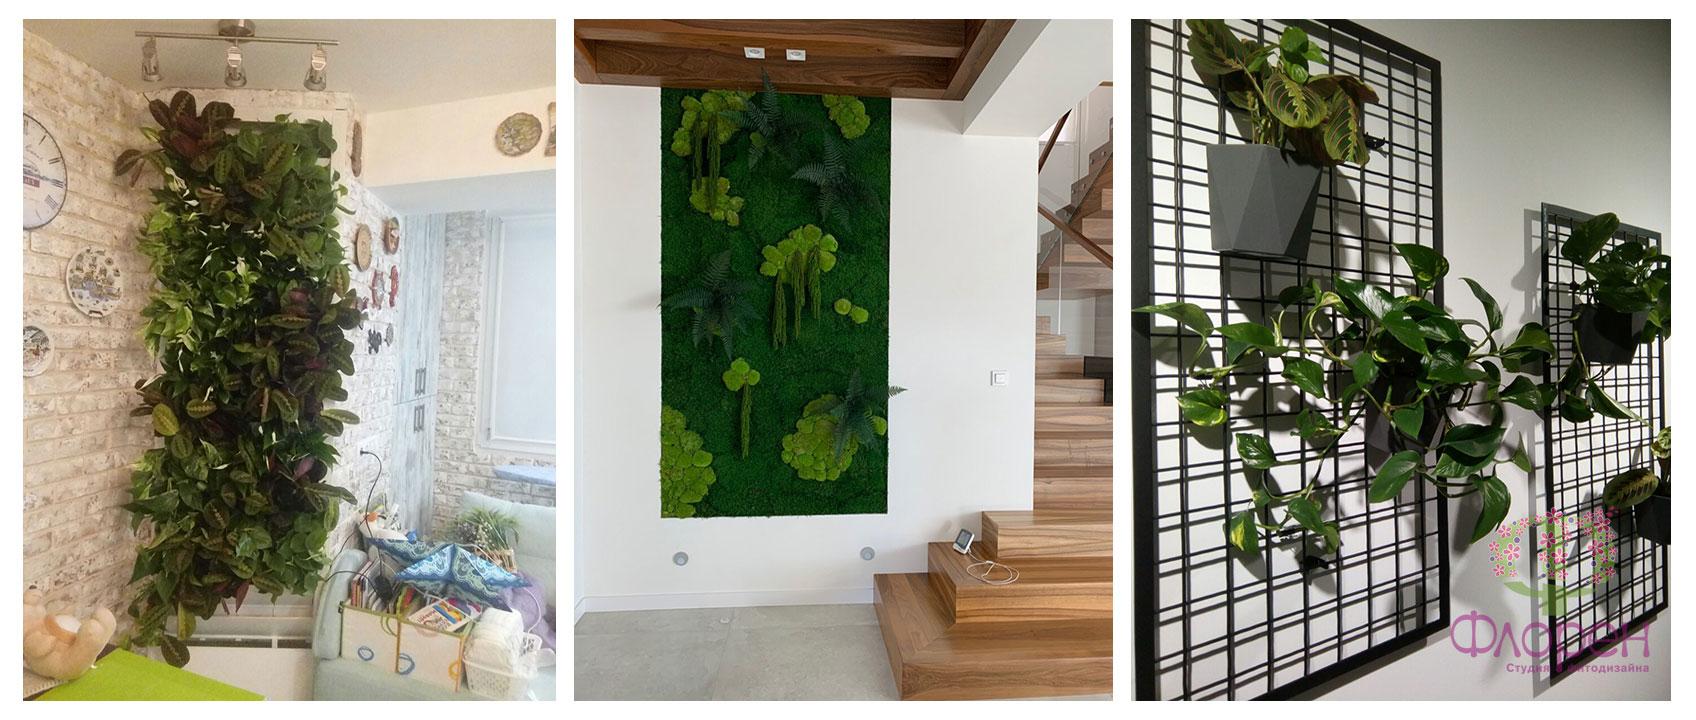 Особенности вертикального озеленения офиса. Фото 2